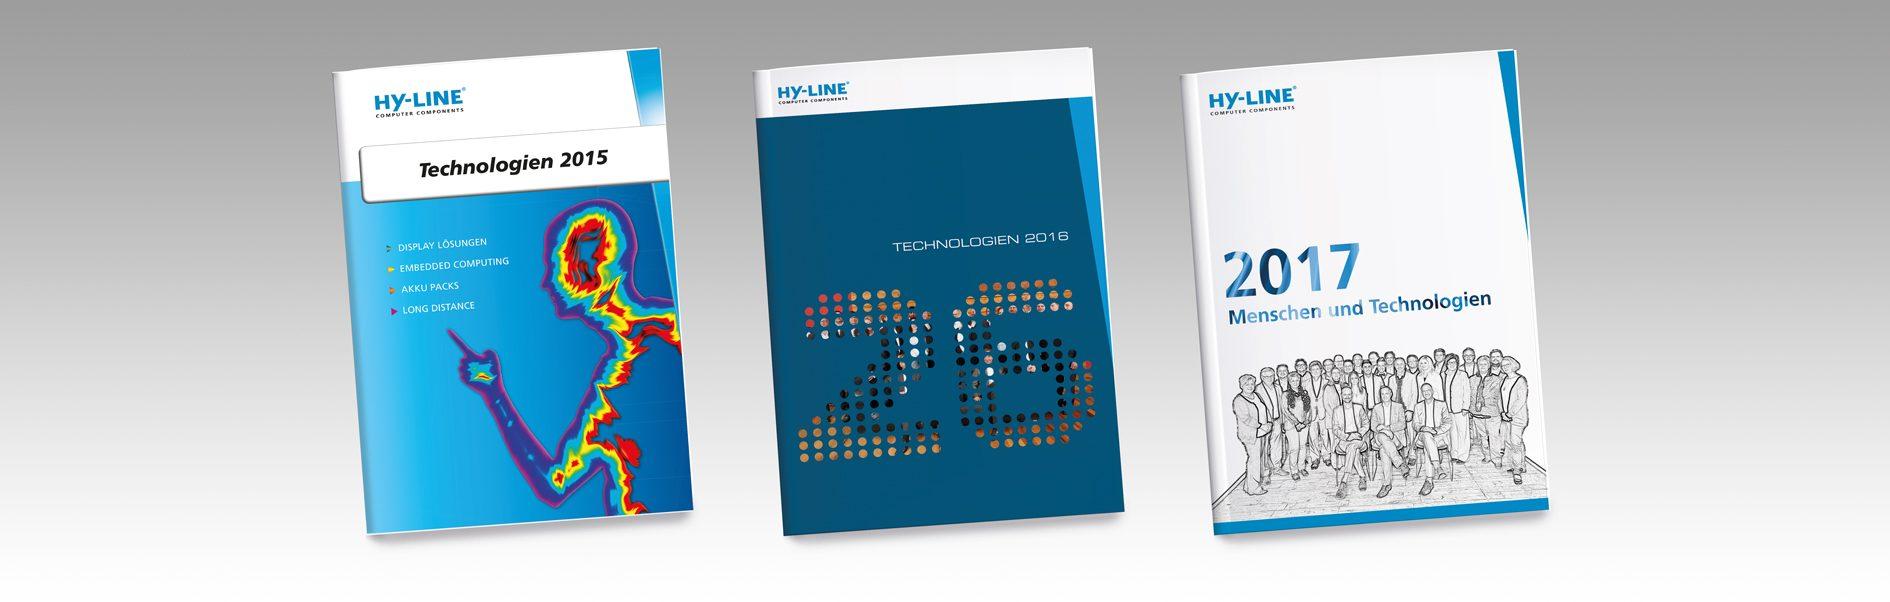 Hier sind die HY-LINE Produktbroschüren von den Jahren 2015-2017 zu sehen.